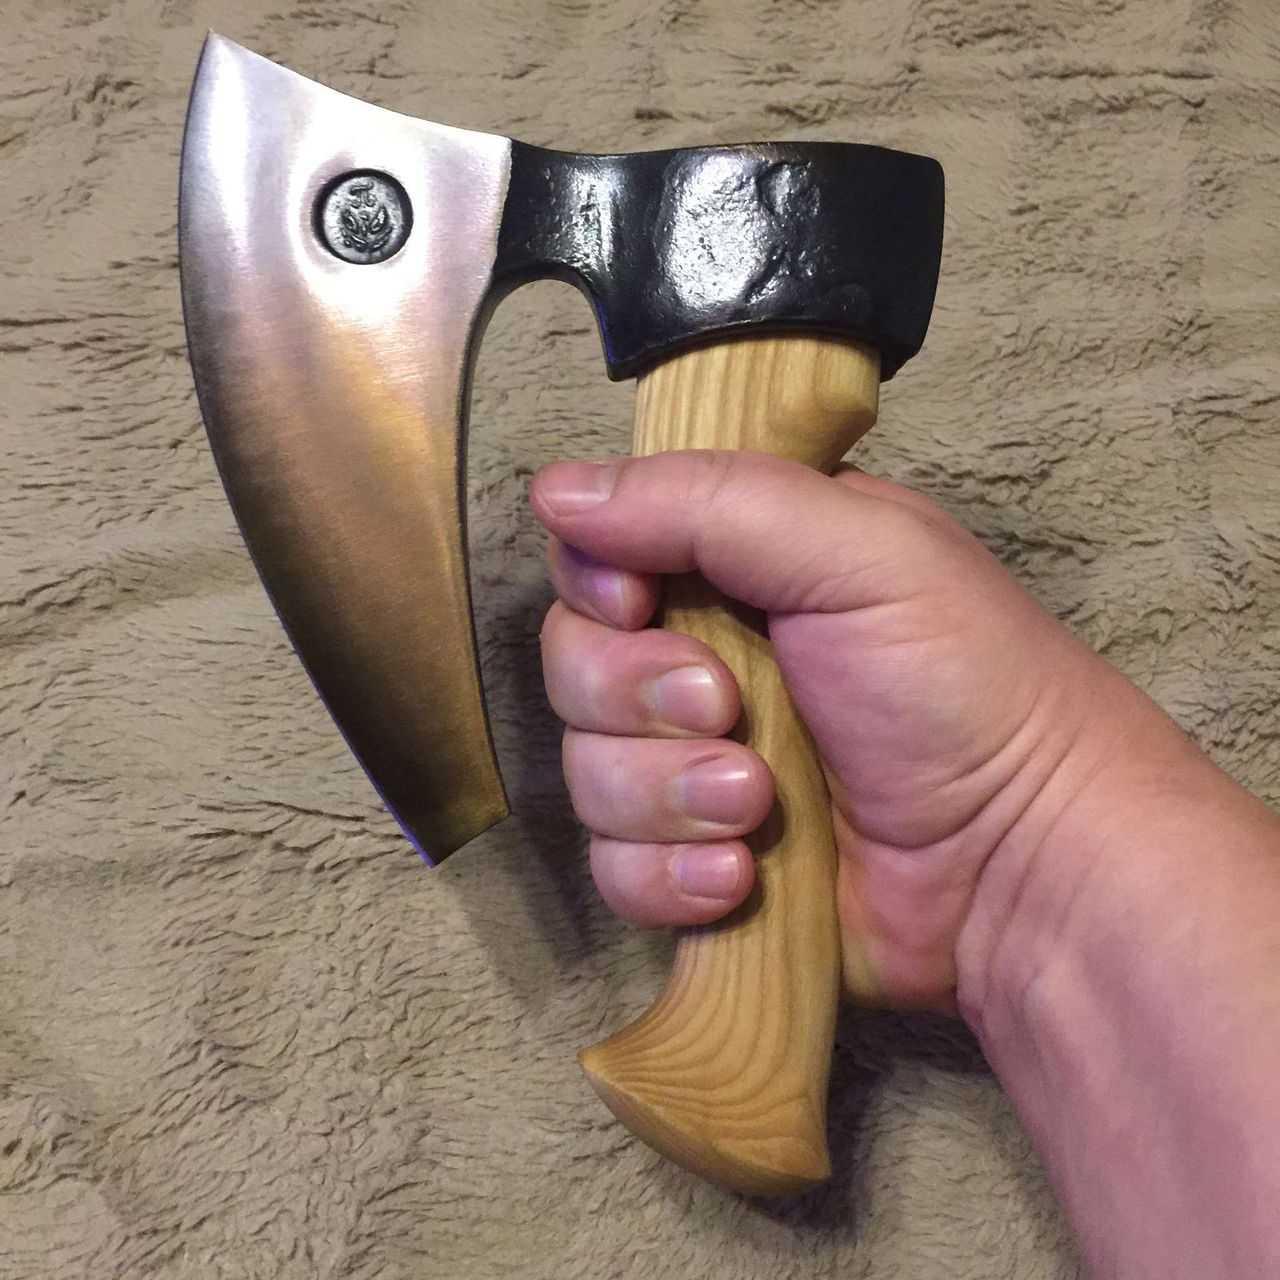 Как сделать топор викинга из обычного топора : labuda.blog как сделать топор викинга из обычного топора — «лабуда» информационно-развлекательный интернет журнал